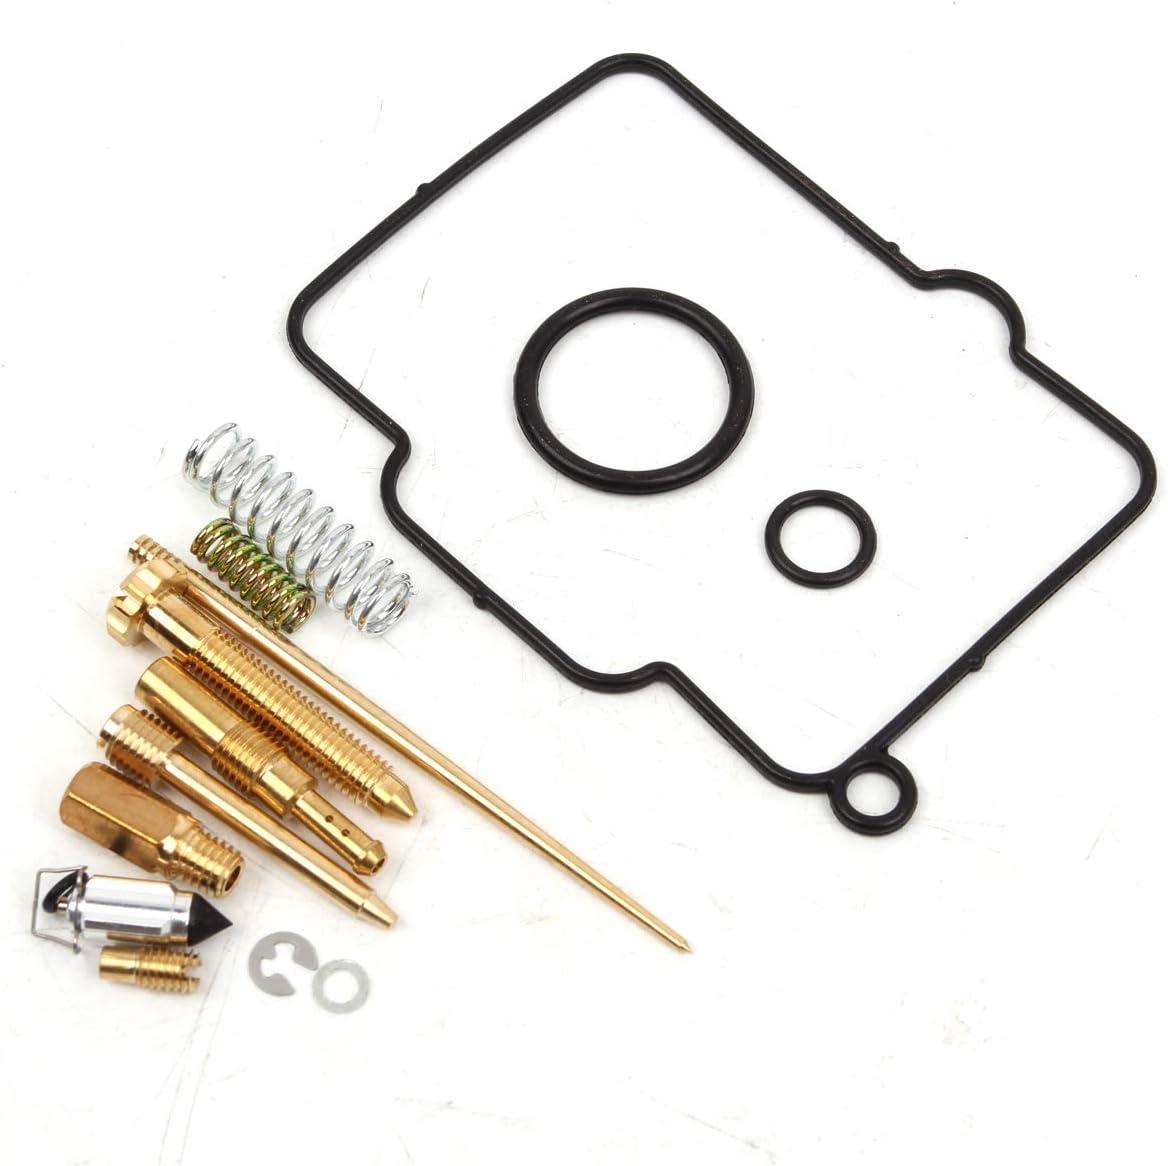 Carb Rebuild Kit For Kawasaki KX250 2000-2004 Carburetor Repair Kit